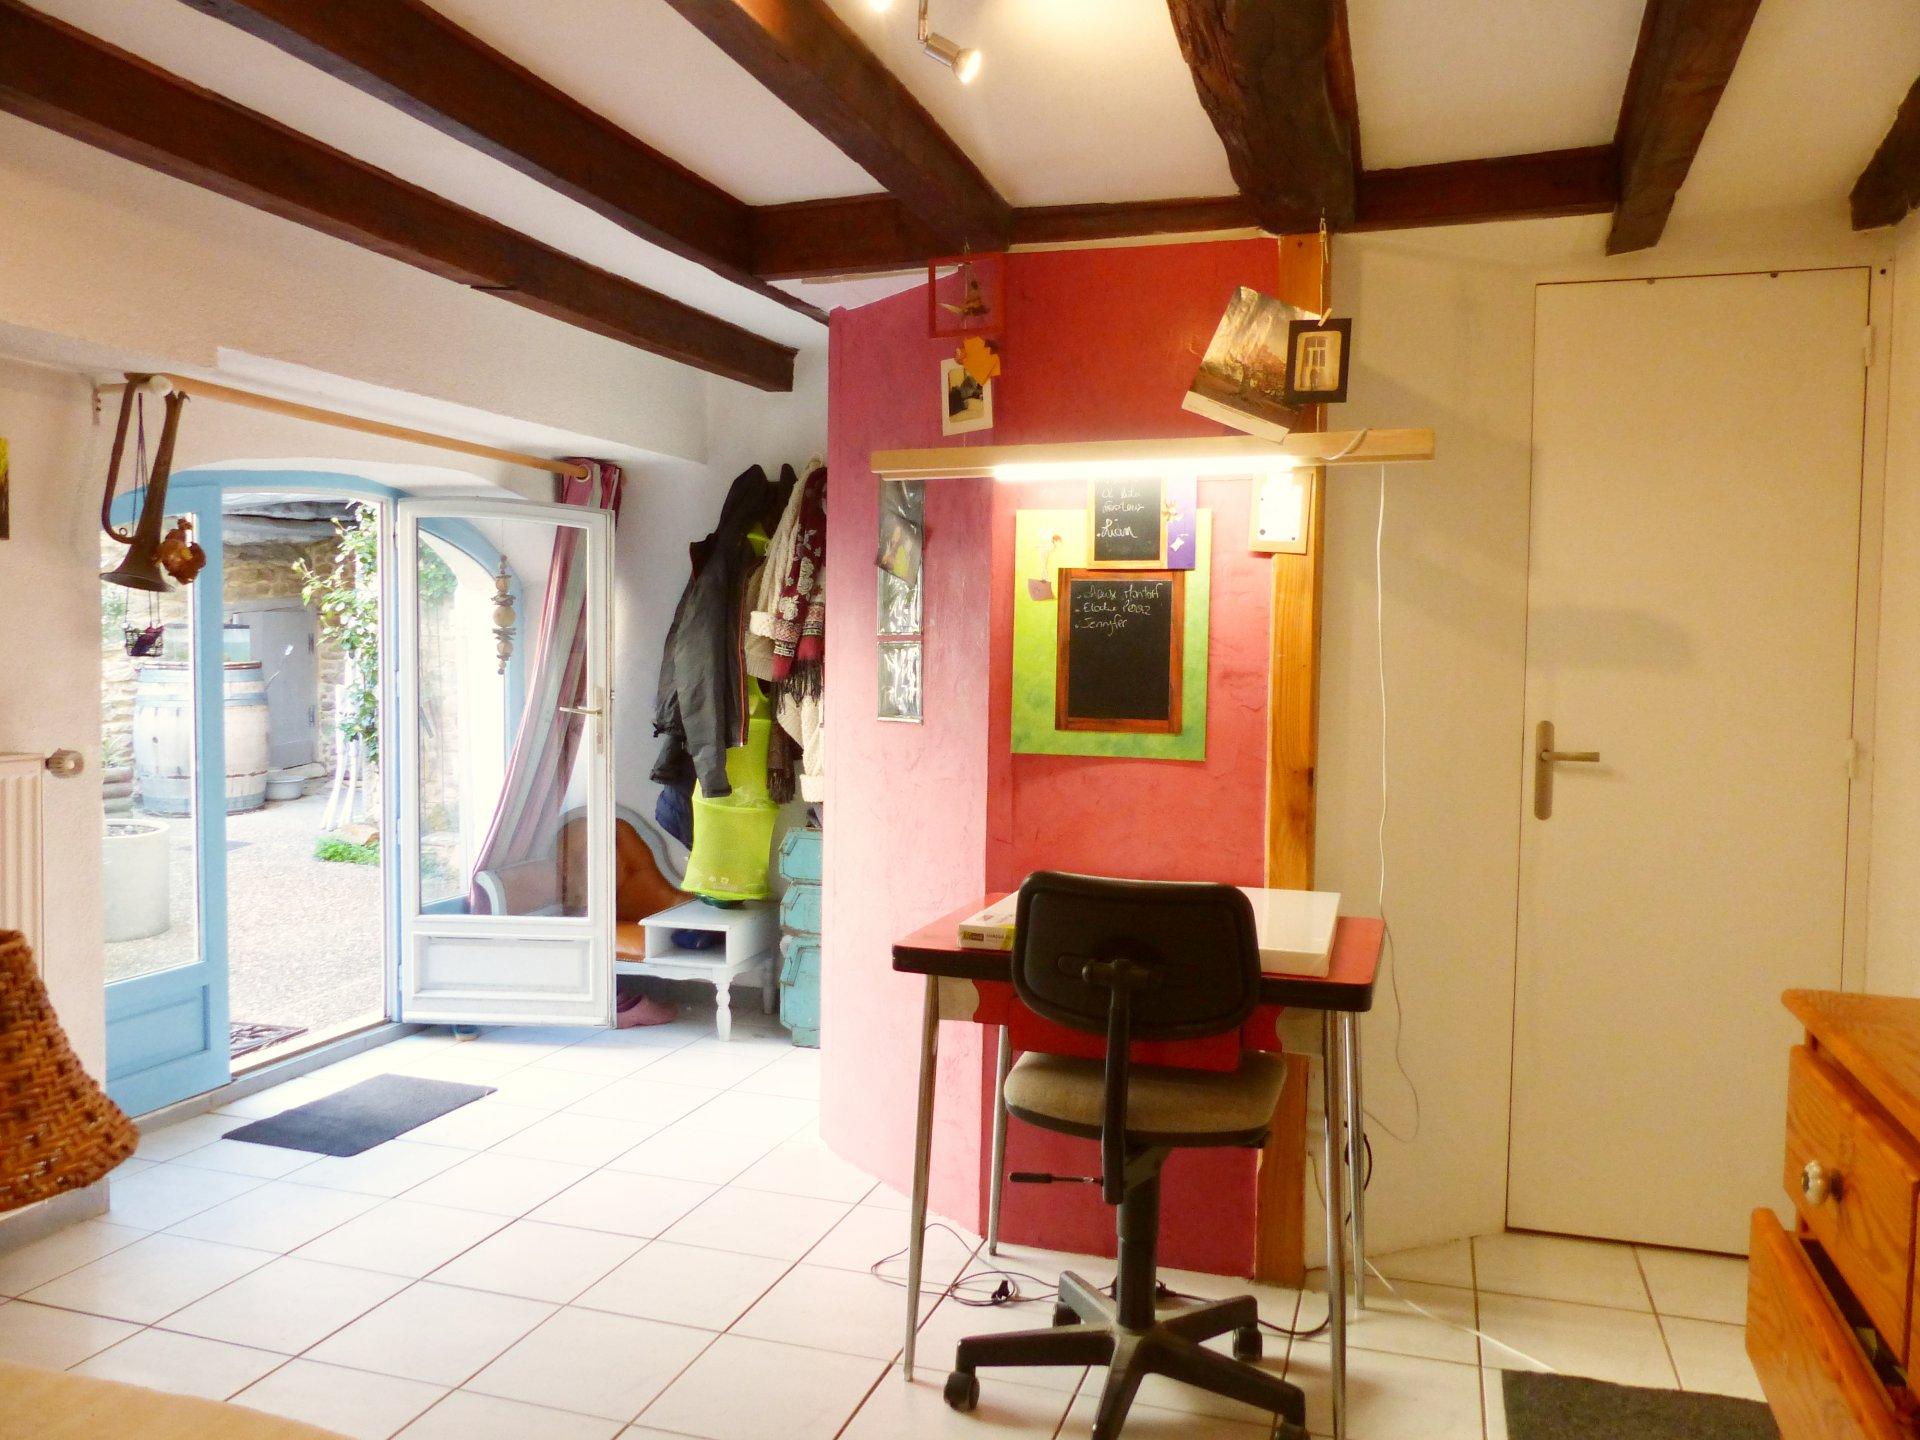 Bien sous compromis de vente  Sologny : petit village de l'Ouest Mâconnais, Venez découvrir cette charmante maison joliment rénovée et soigneusement entretenue d'une surface de 110 m². Elle se compose d'une lumineuse pièce de vie avec cuisine, d'un salon, de trois chambres, d'une salle de bains/toilette, d'une salle d'eau/toilette ainsi que d'une chambre d'invité de 12 m². Deux caves ainsi qu'une chaufferie complètent ce bien. Beaucoup de charme pour cette maison en pierre qui possède une vaste cour fermée ainsi qu'un terrain de 530 m² au pied de cette dernière. Honoraires à la charge du vendeur.